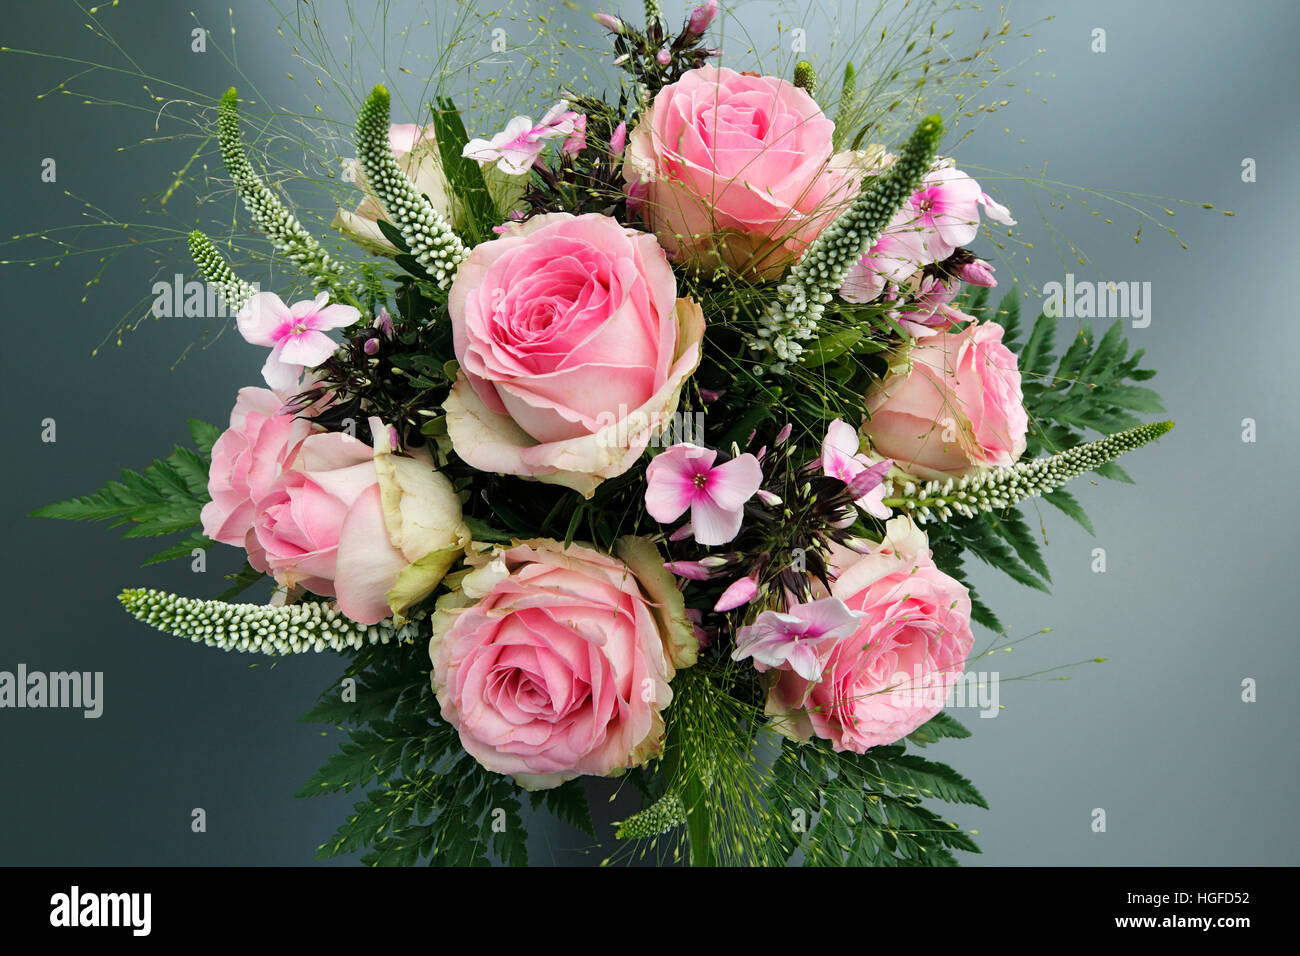 Blumenstrauß Geburtstag Haufen Rosa Rosen Stockfoto Bild